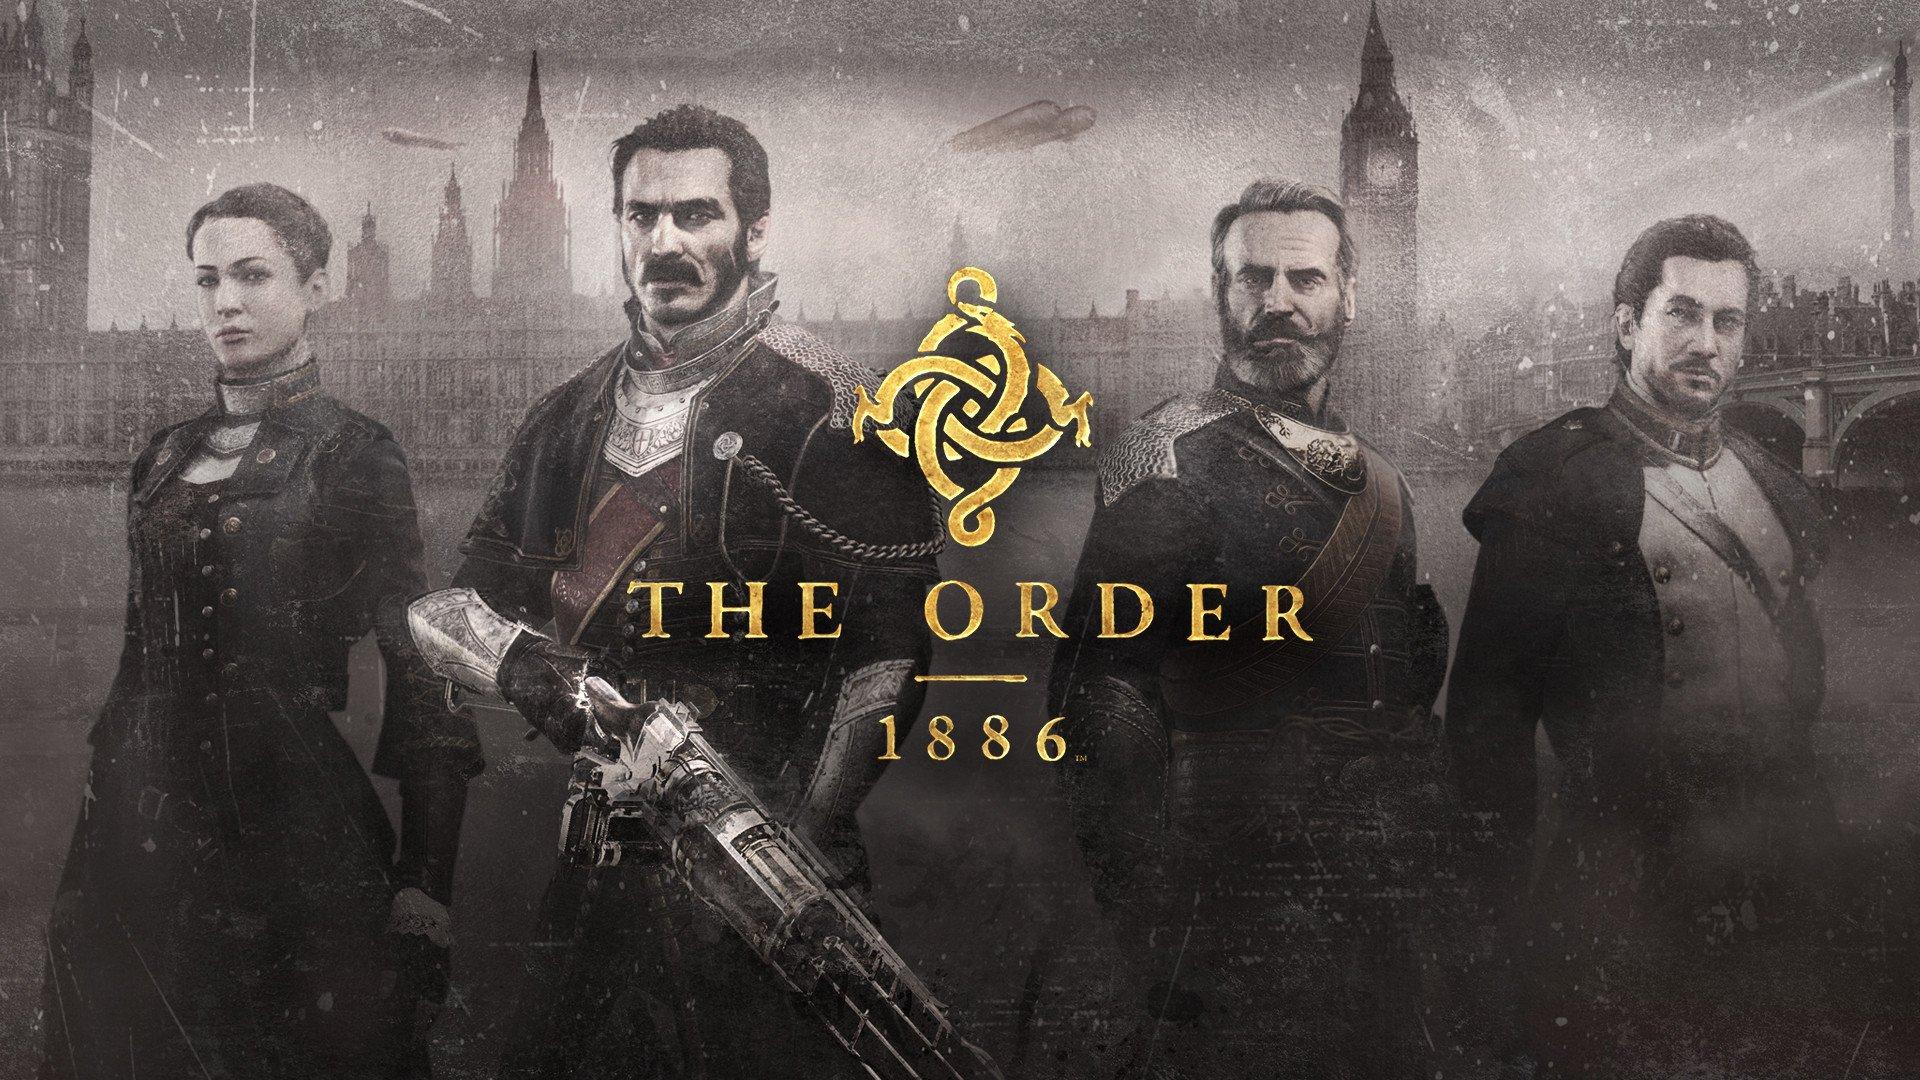 Скриншоты The Order: 1886 - Изображение 1